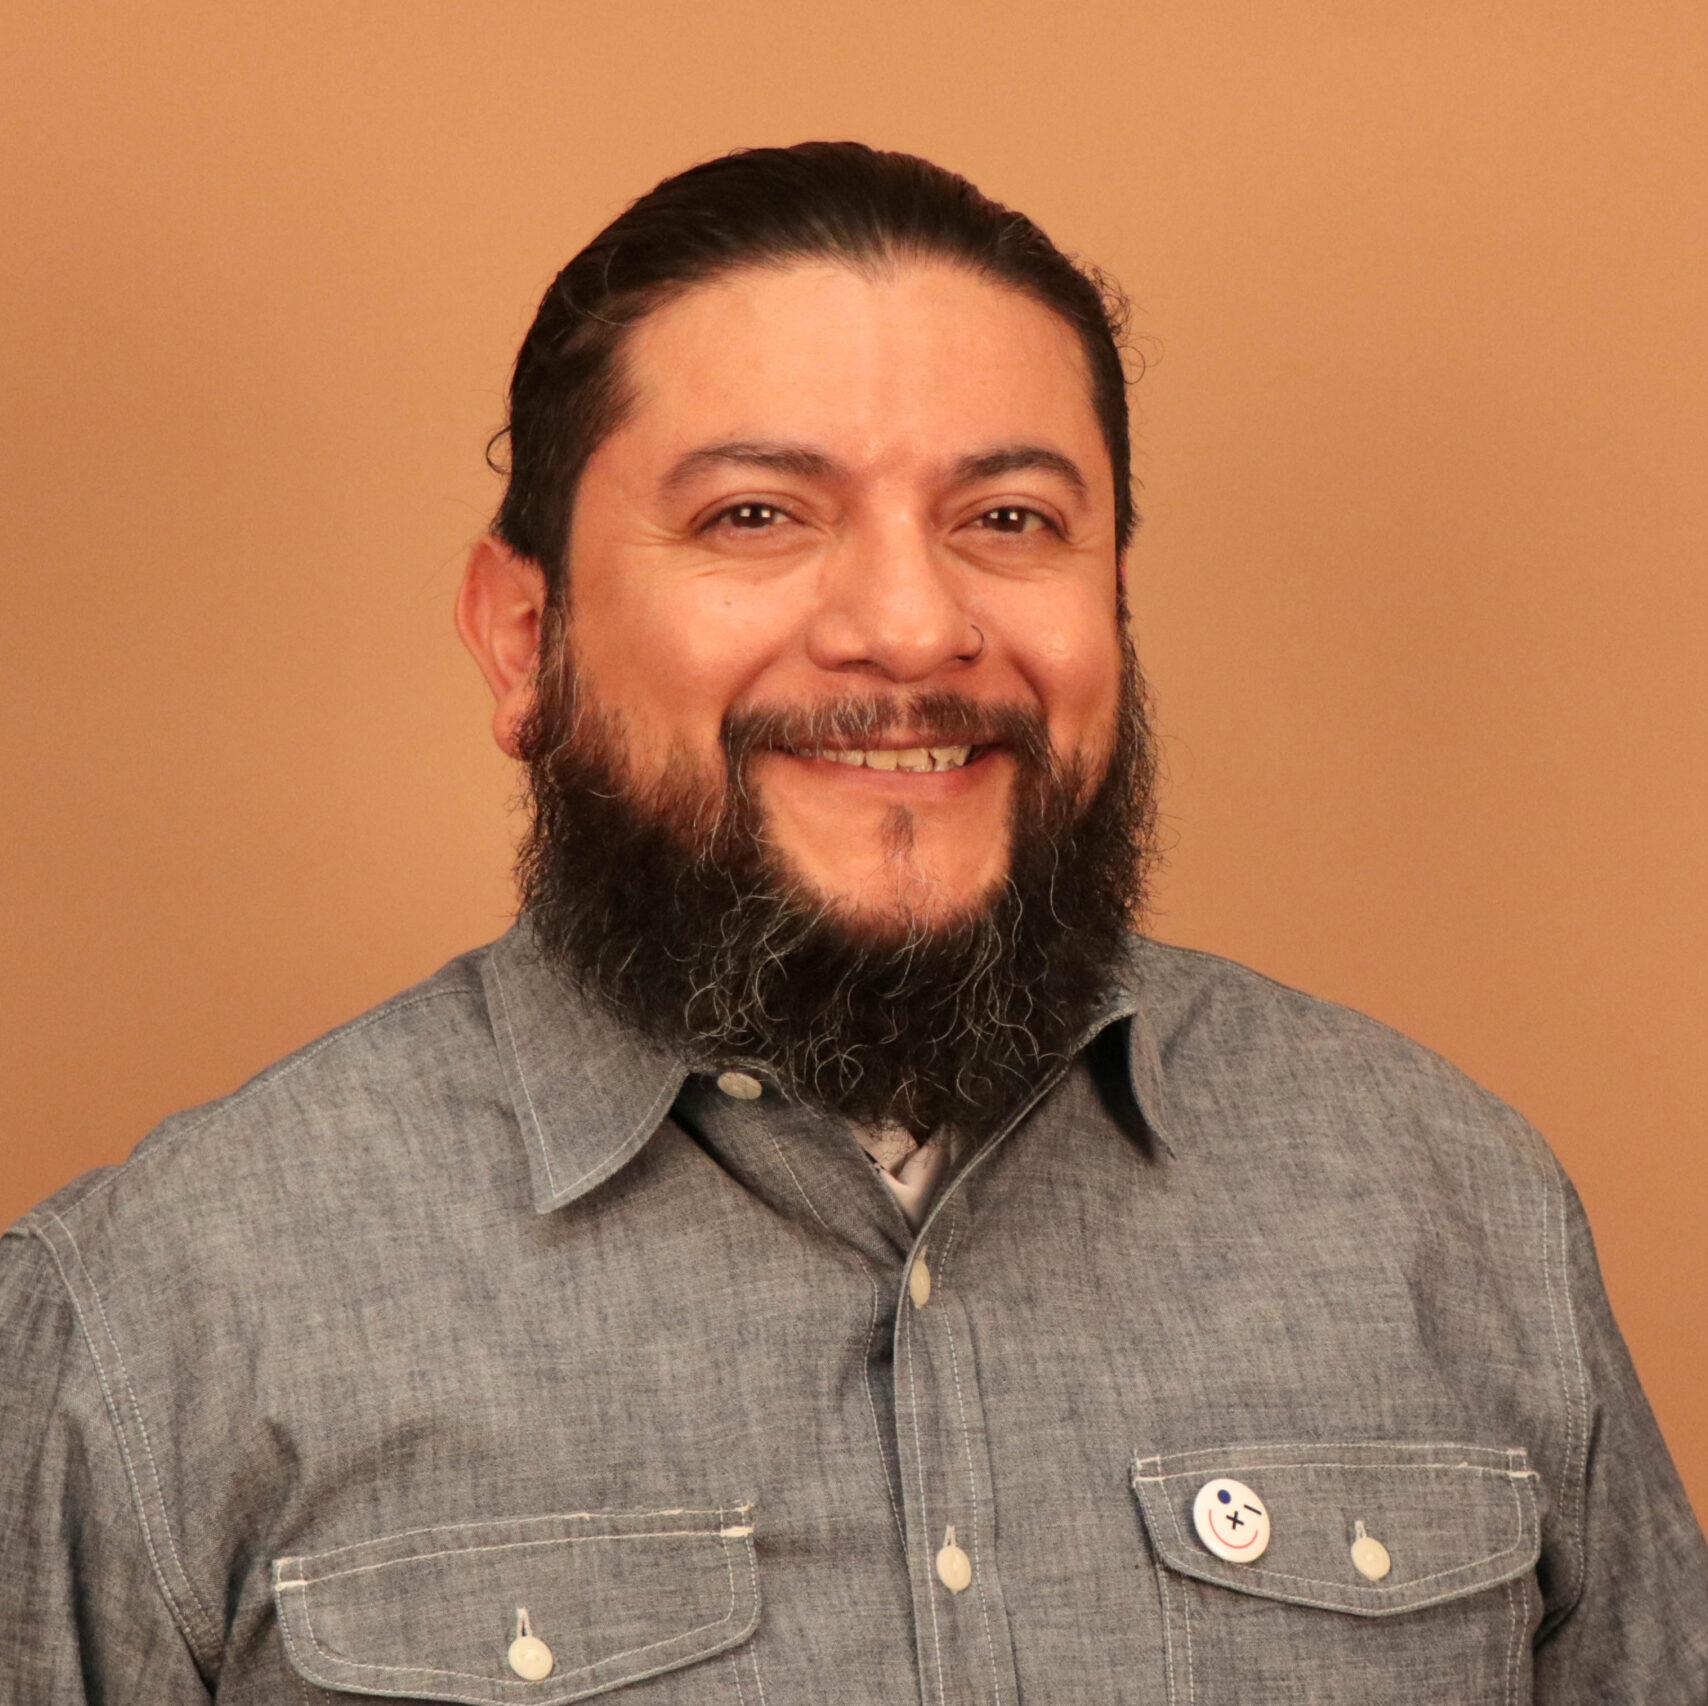 Michael Quinones